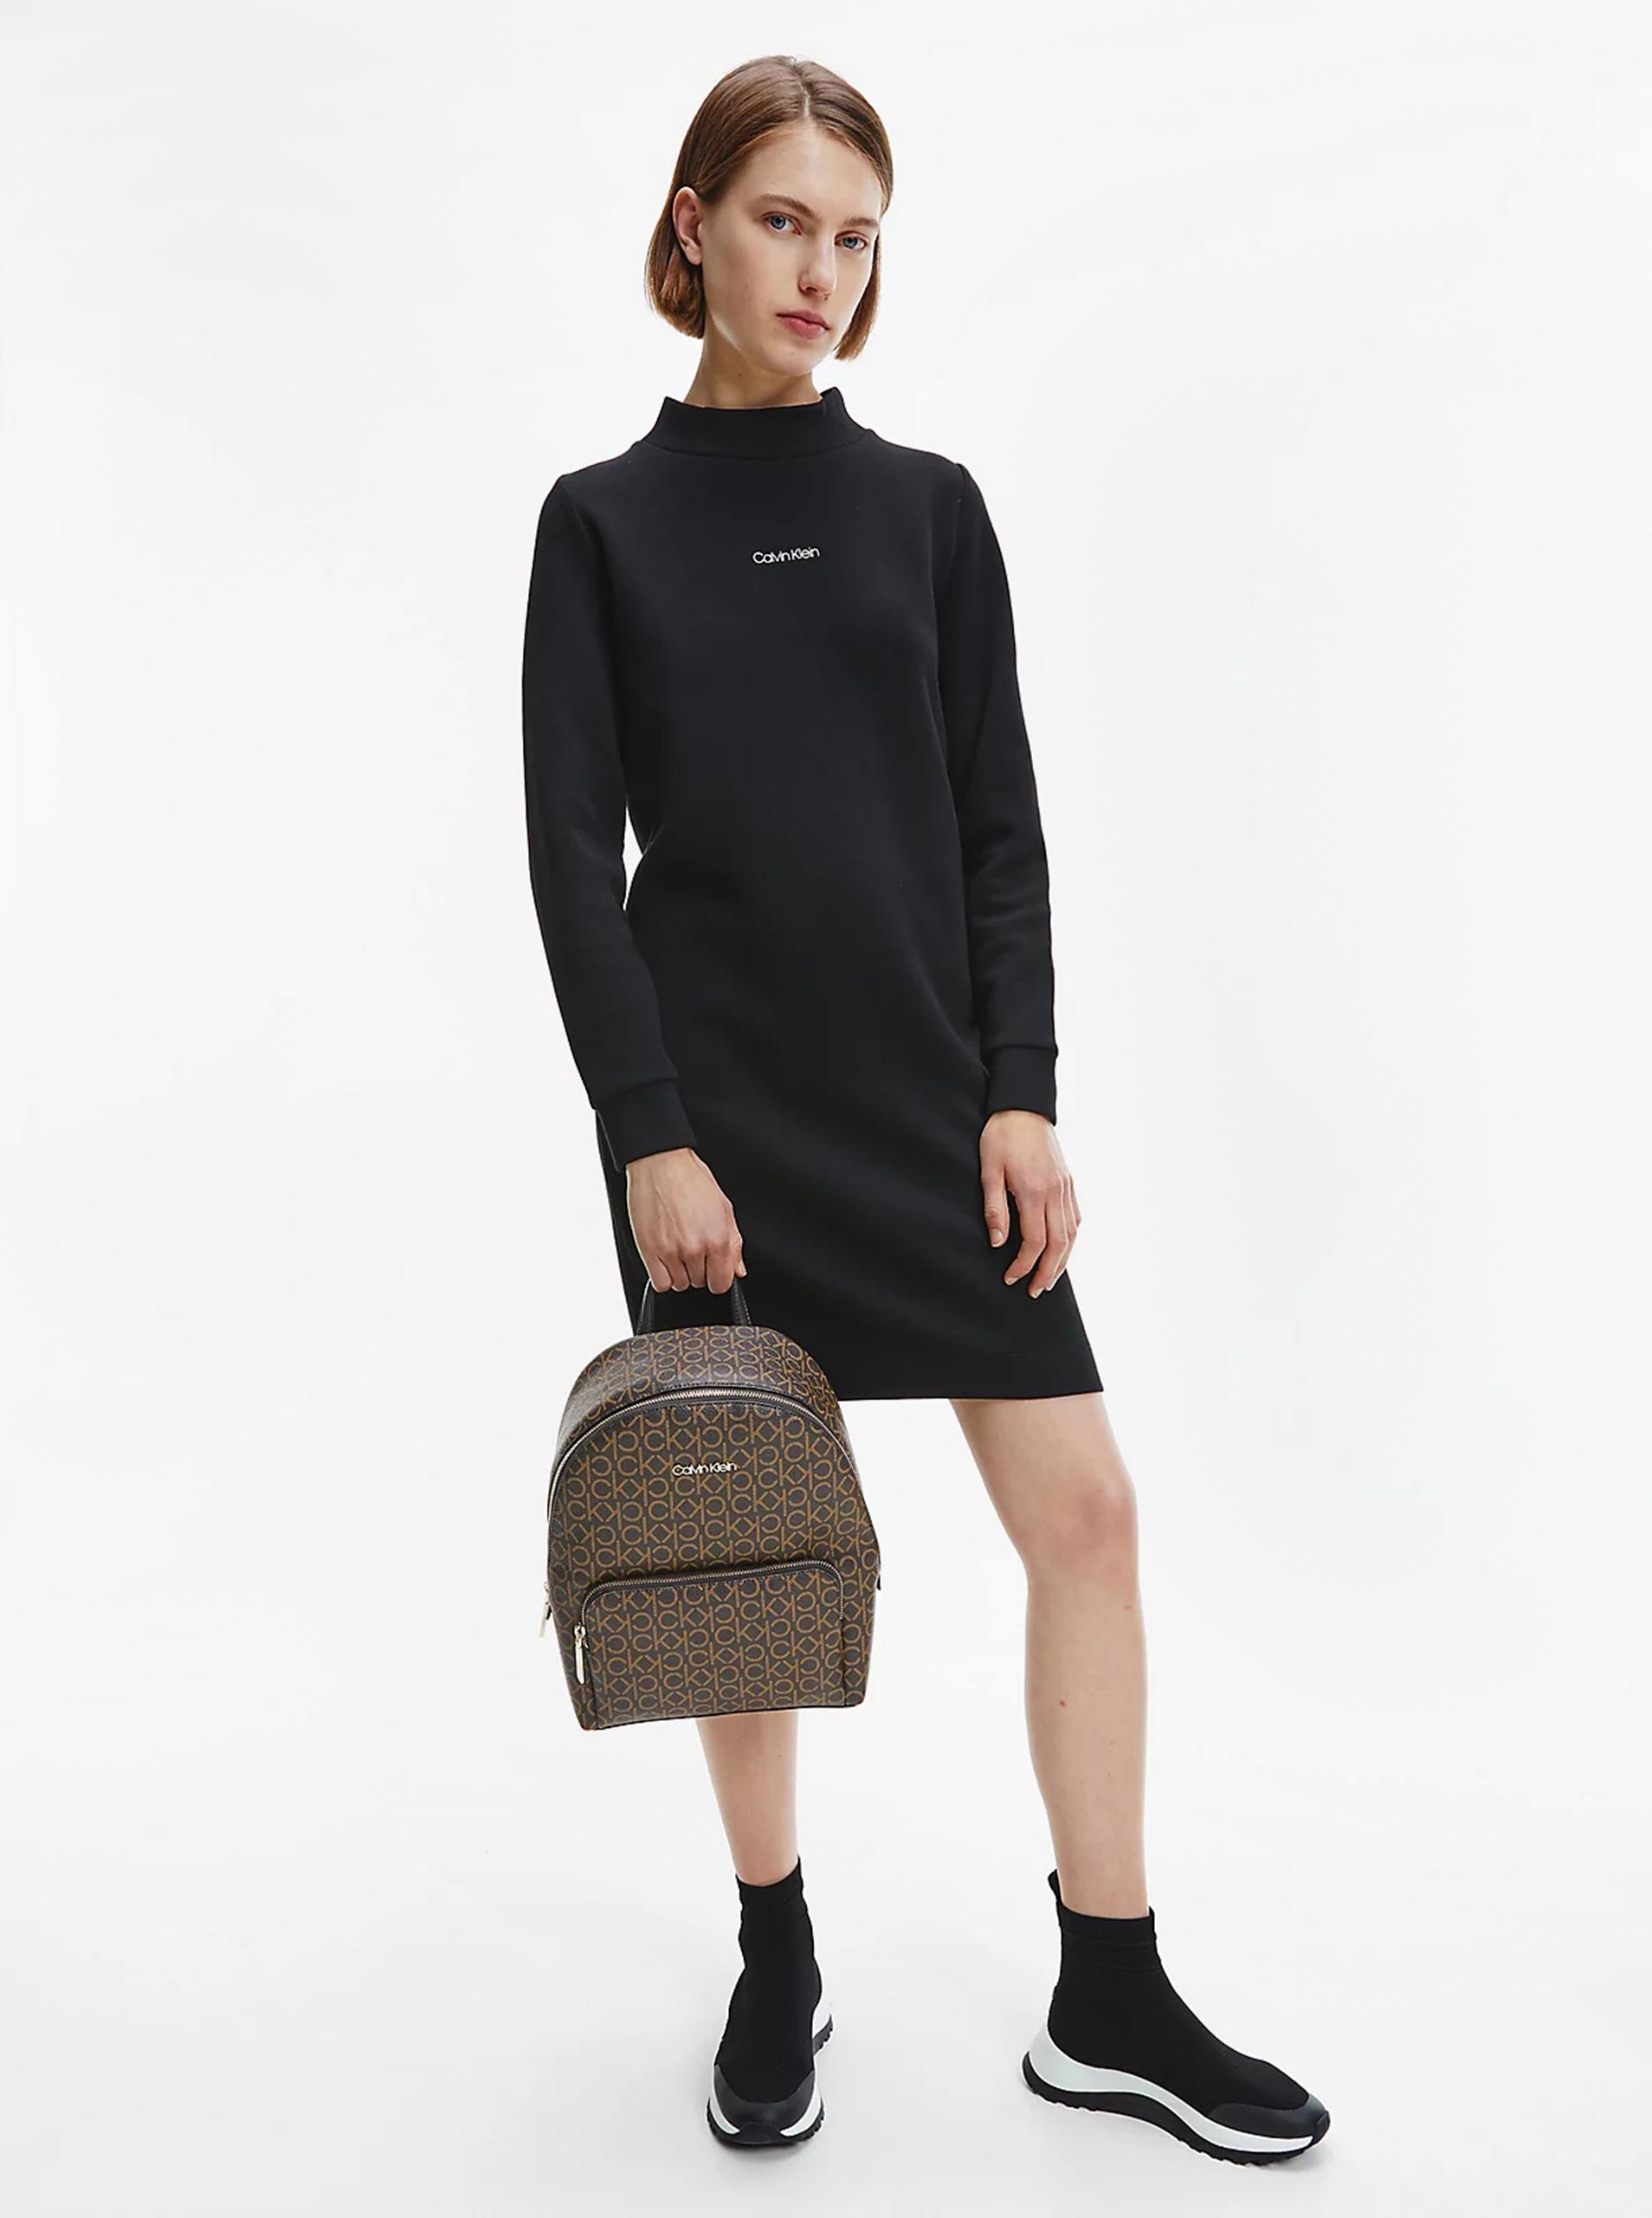 Calvin Klein maronii rucsac